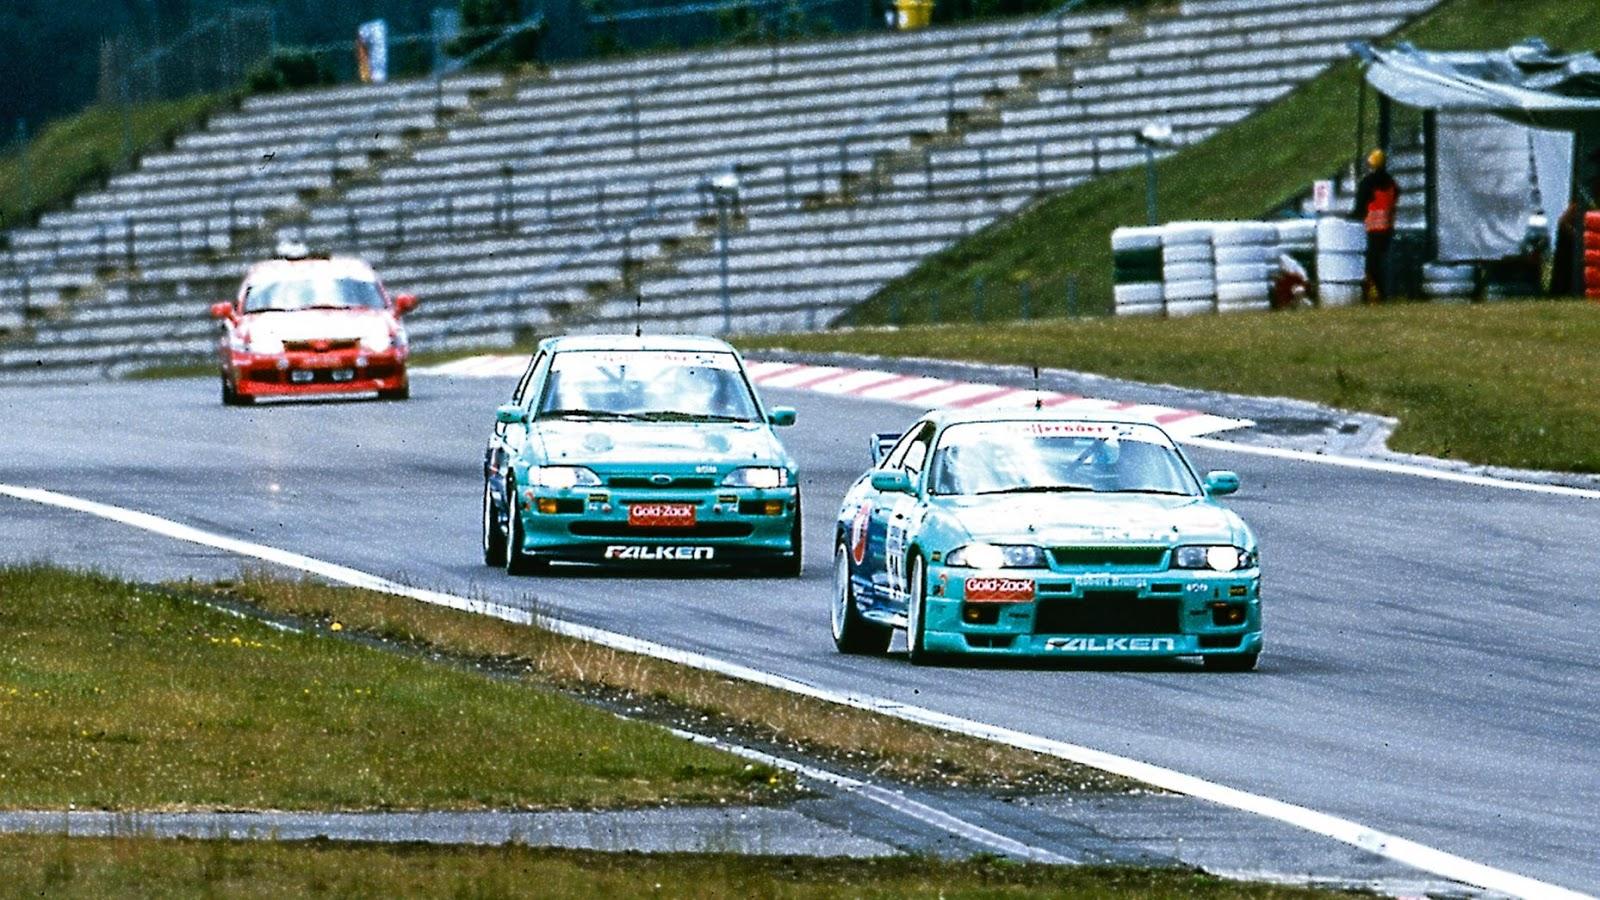 1999 - Nissan Skyline GT-R R33 & Ford Escort Cosworth